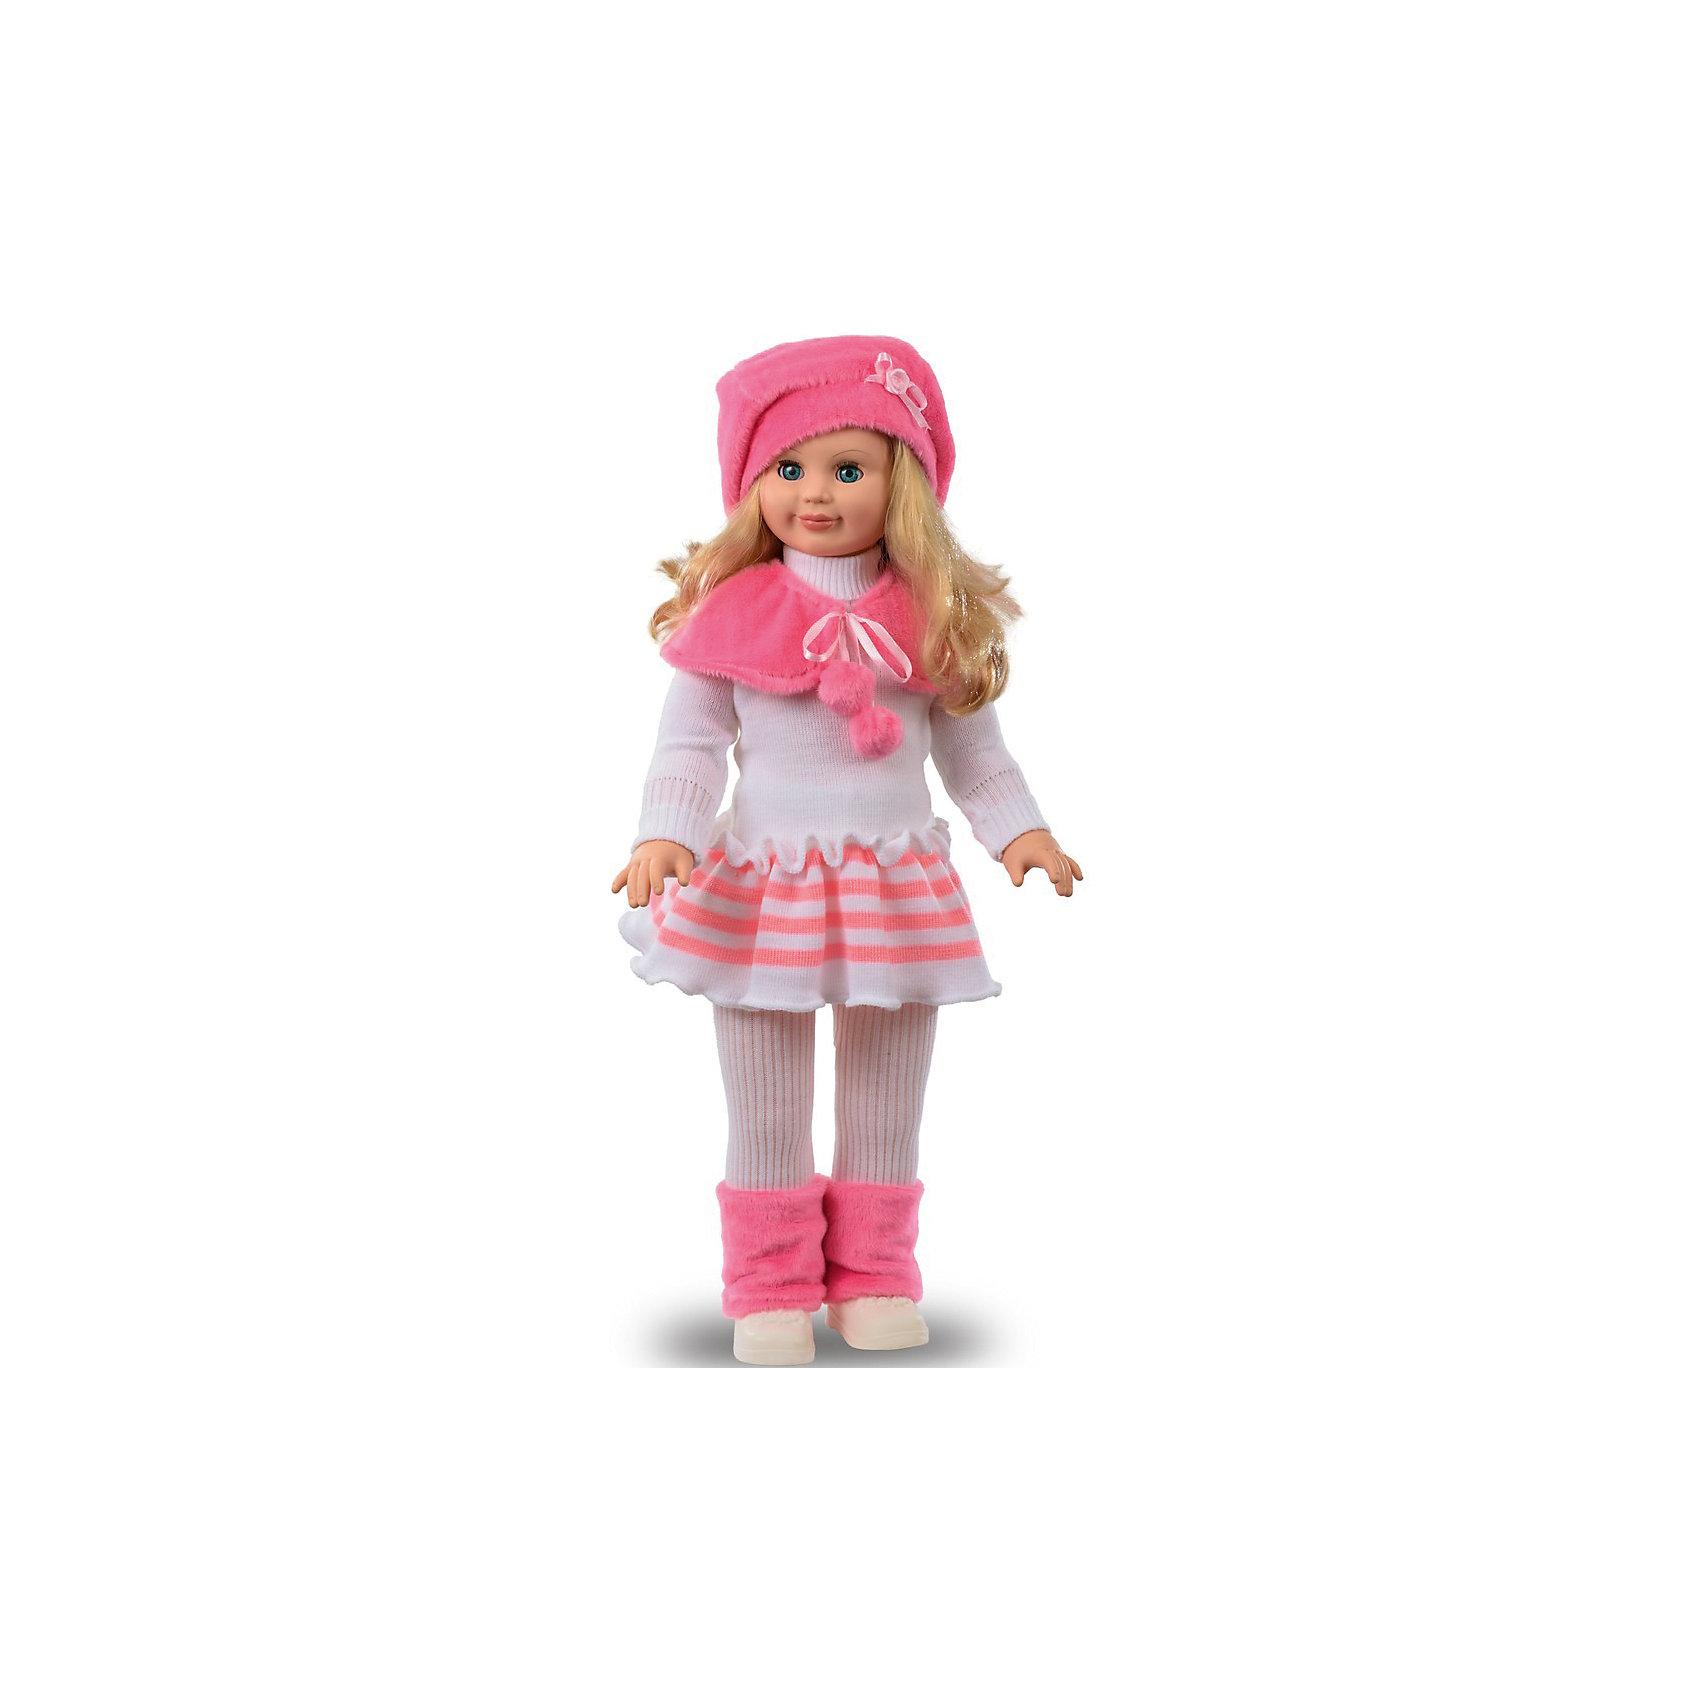 Весна Кукла Милана 17, со звуком, 70 см, Весна кукла весна алсу 35 см со звуком в1634 о